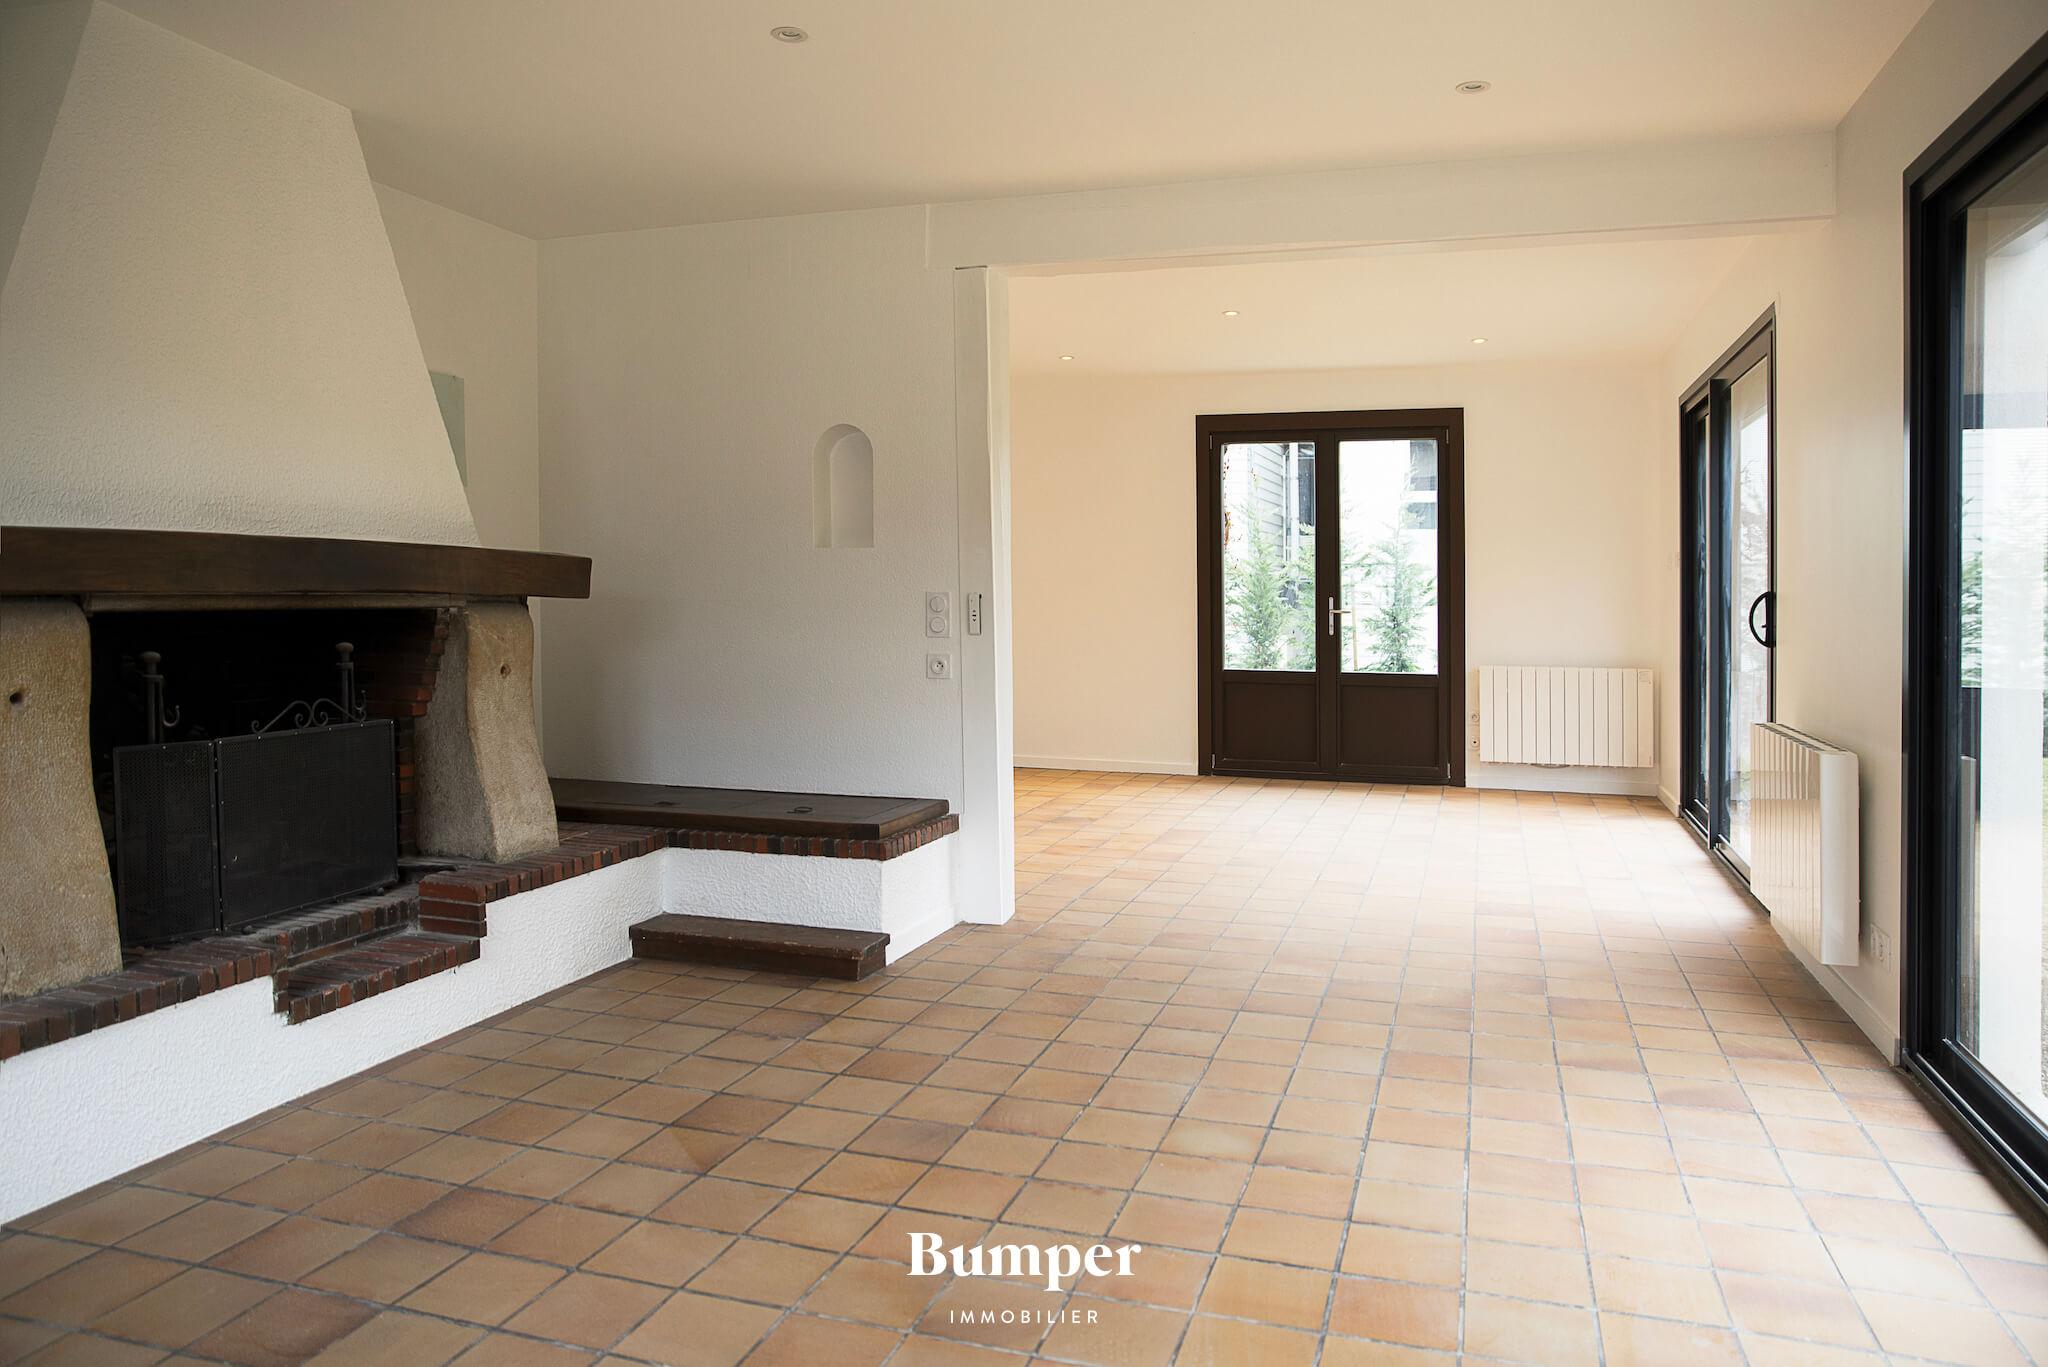 la-maison-bumper-immobilier-vente-achat-lyon-france-maison-segny-gex-geneve-3.jpg